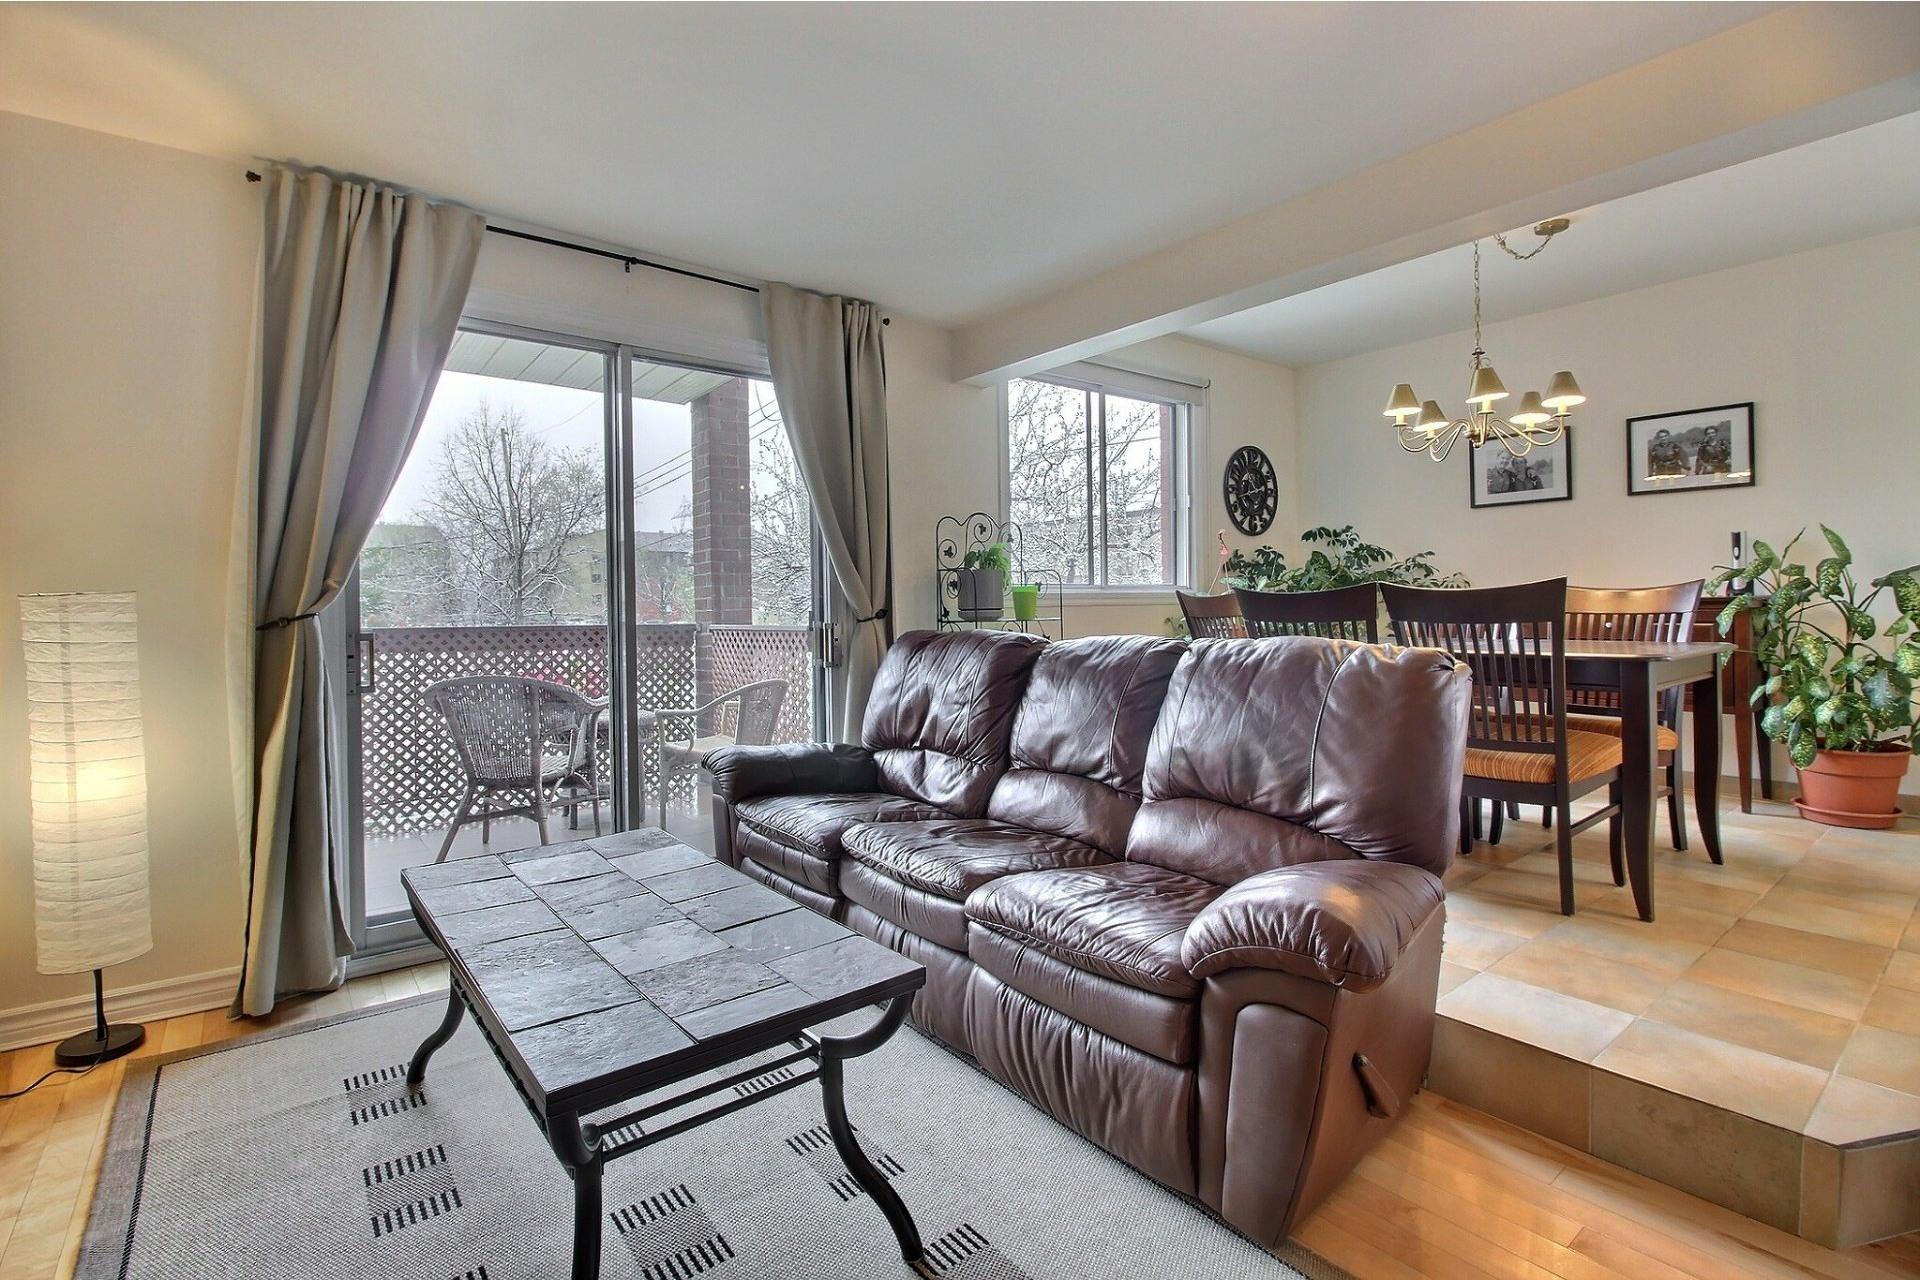 image 4 - Appartement À vendre Rivière-des-Prairies/Pointe-aux-Trembles Montréal  - 5 pièces